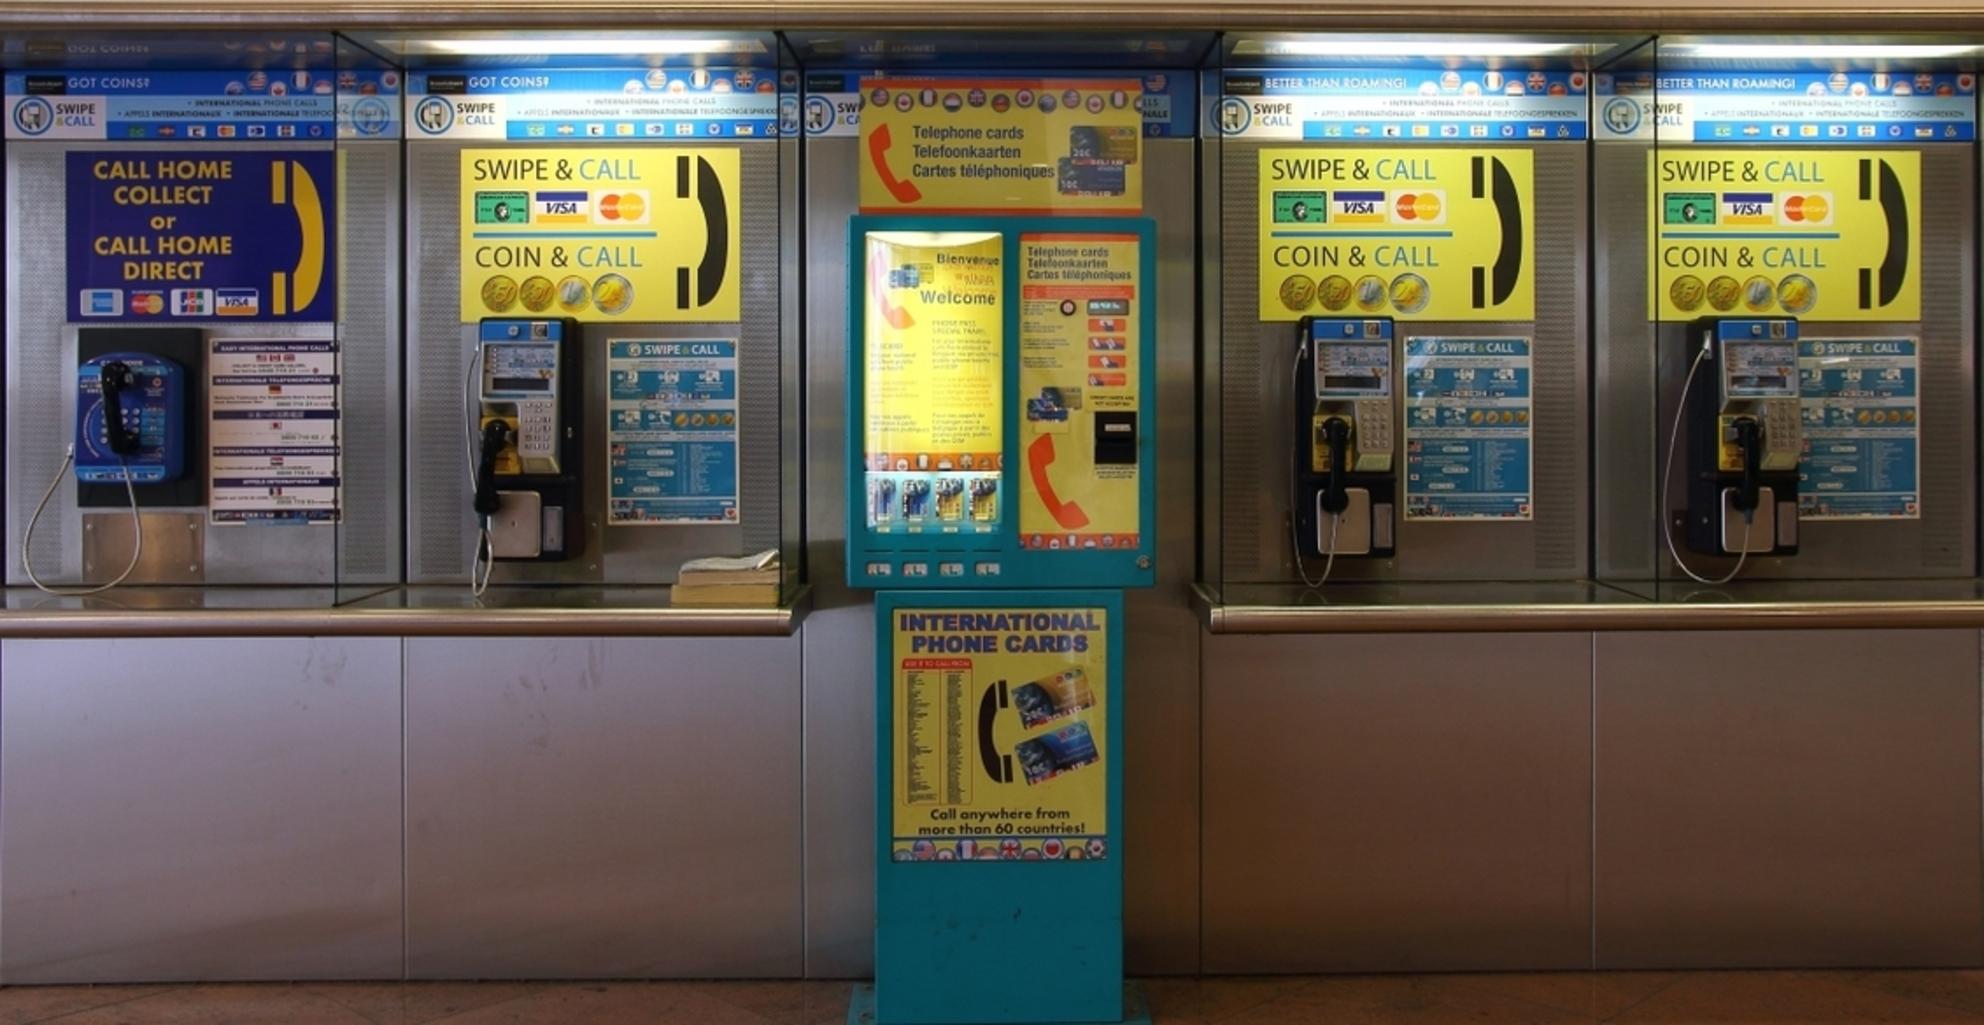 Telefonisch contact - Even een belletje...... - foto door LarsM op 05-09-2011 - deze foto bevat: telefoon, bellen, contact - Deze foto mag gebruikt worden in een Zoom.nl publicatie